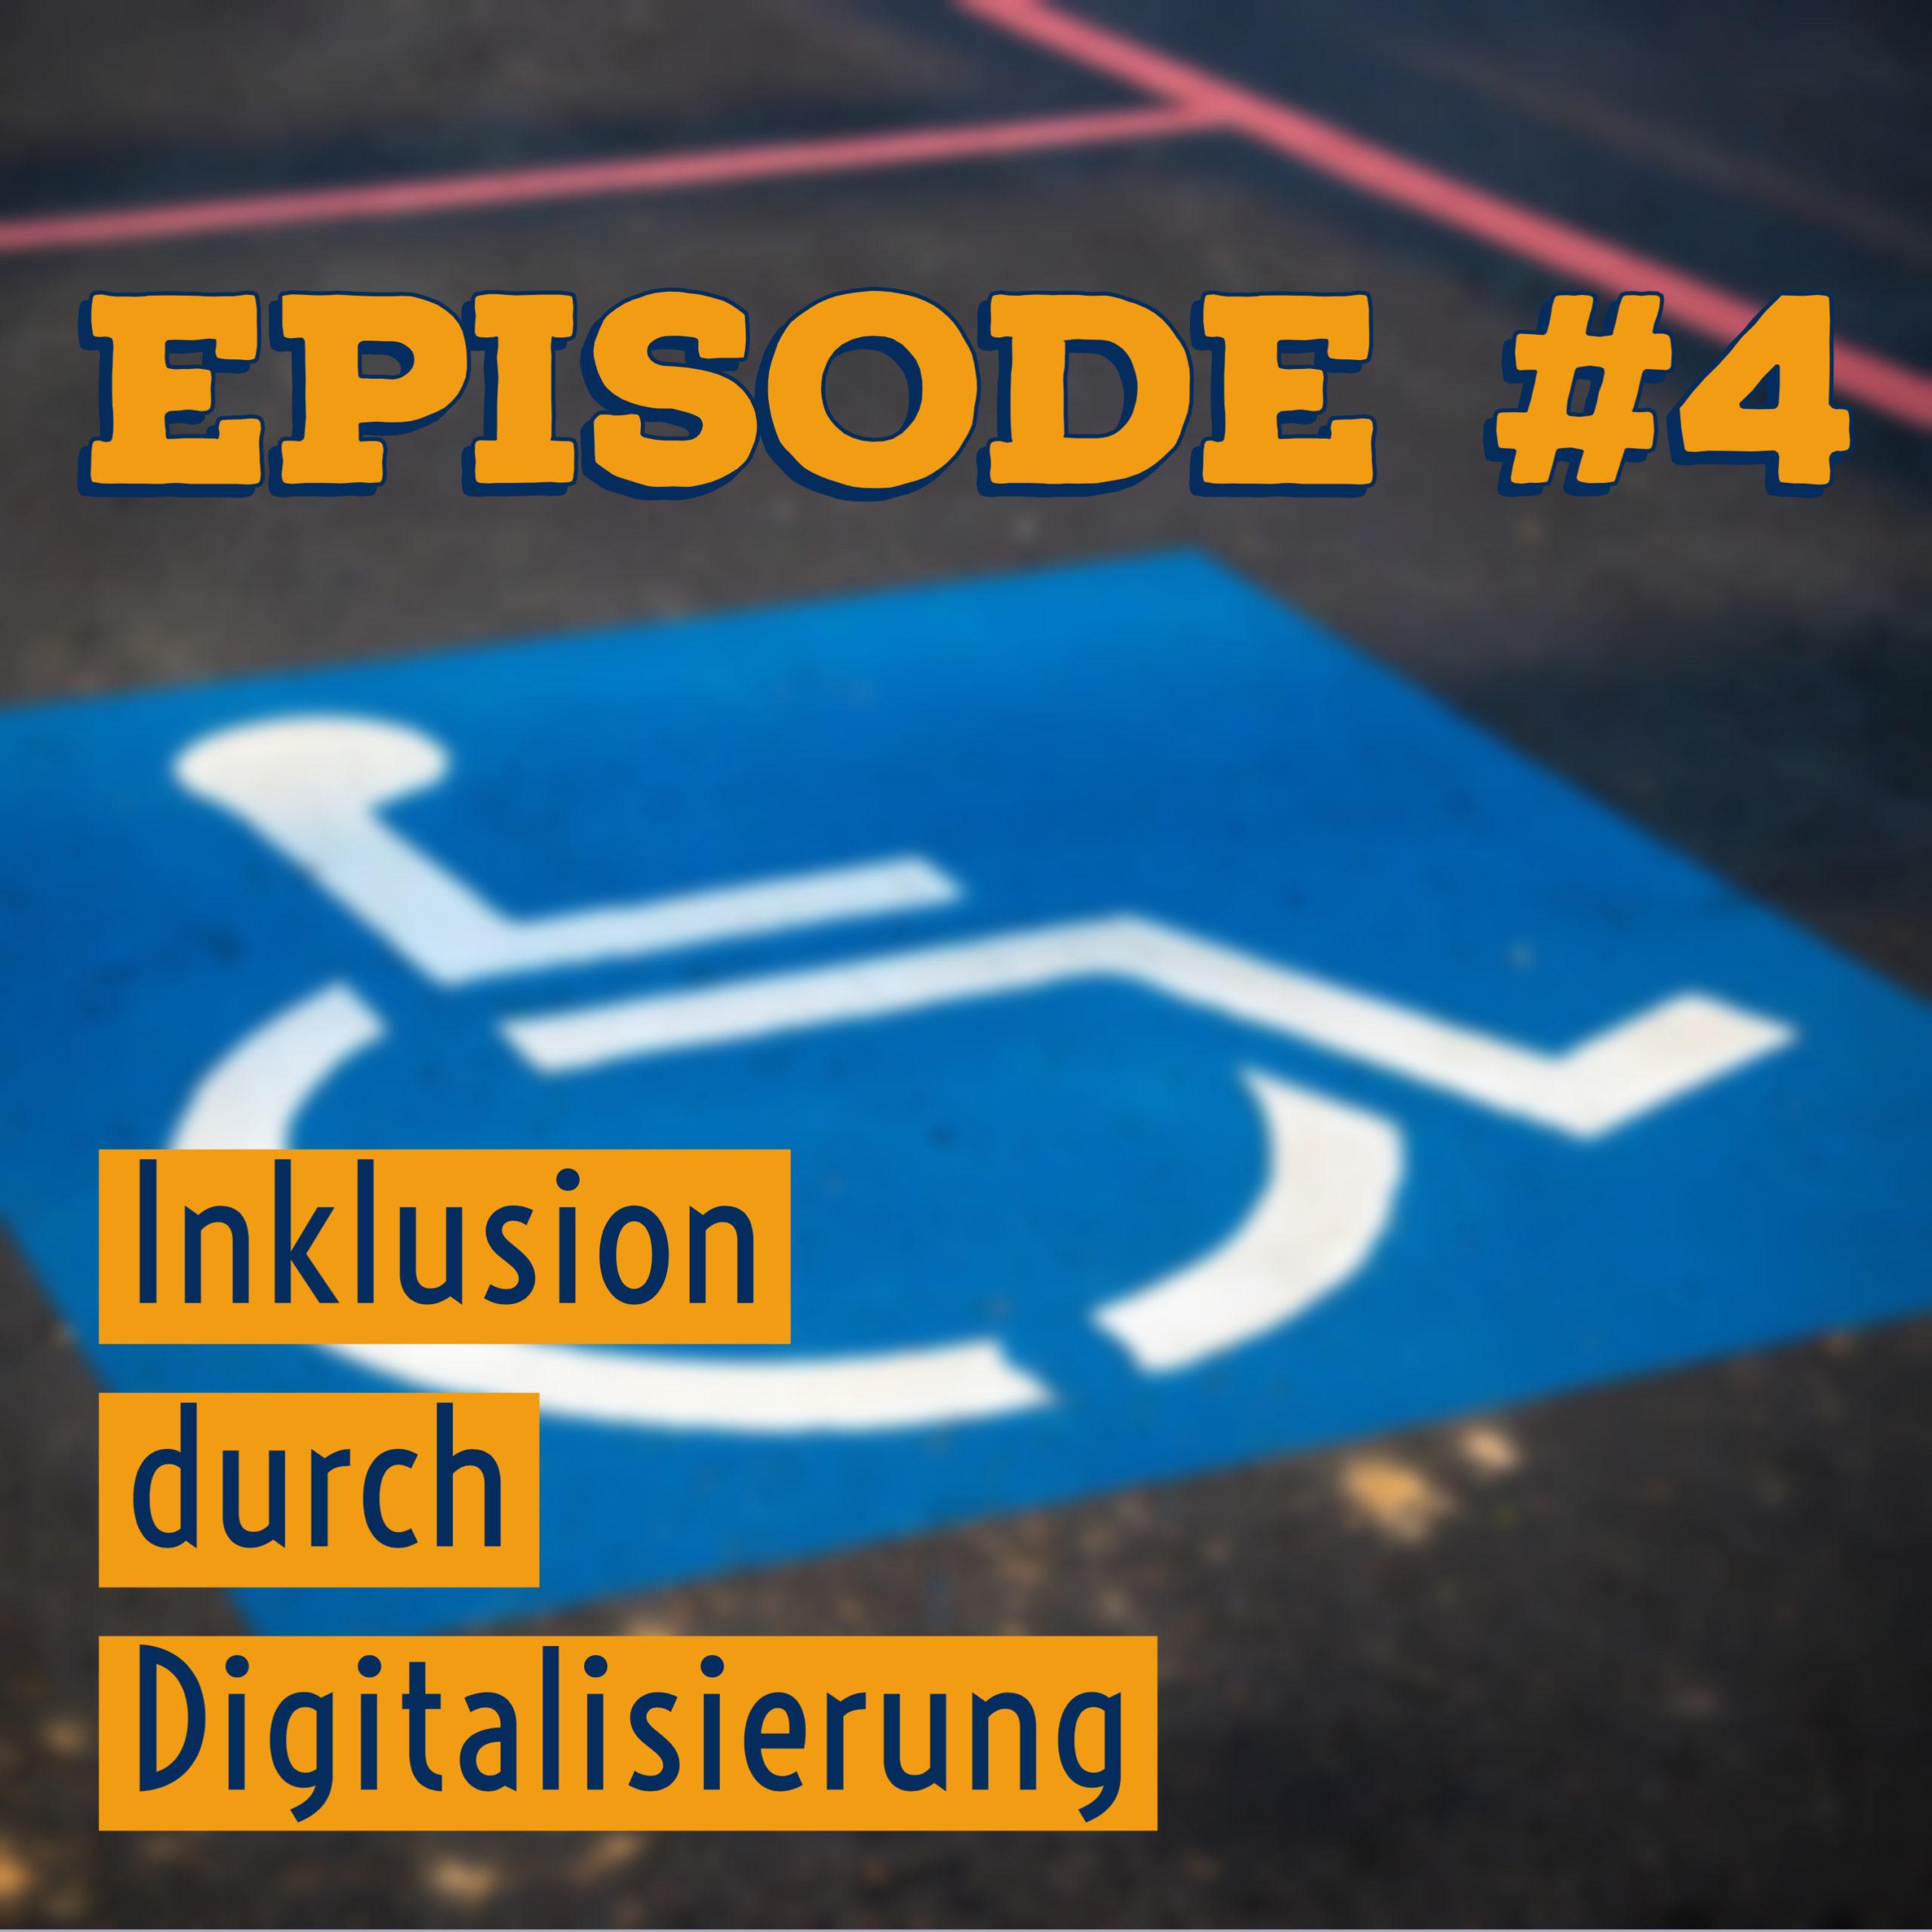 [04] Inklusion durch Digitalisierung